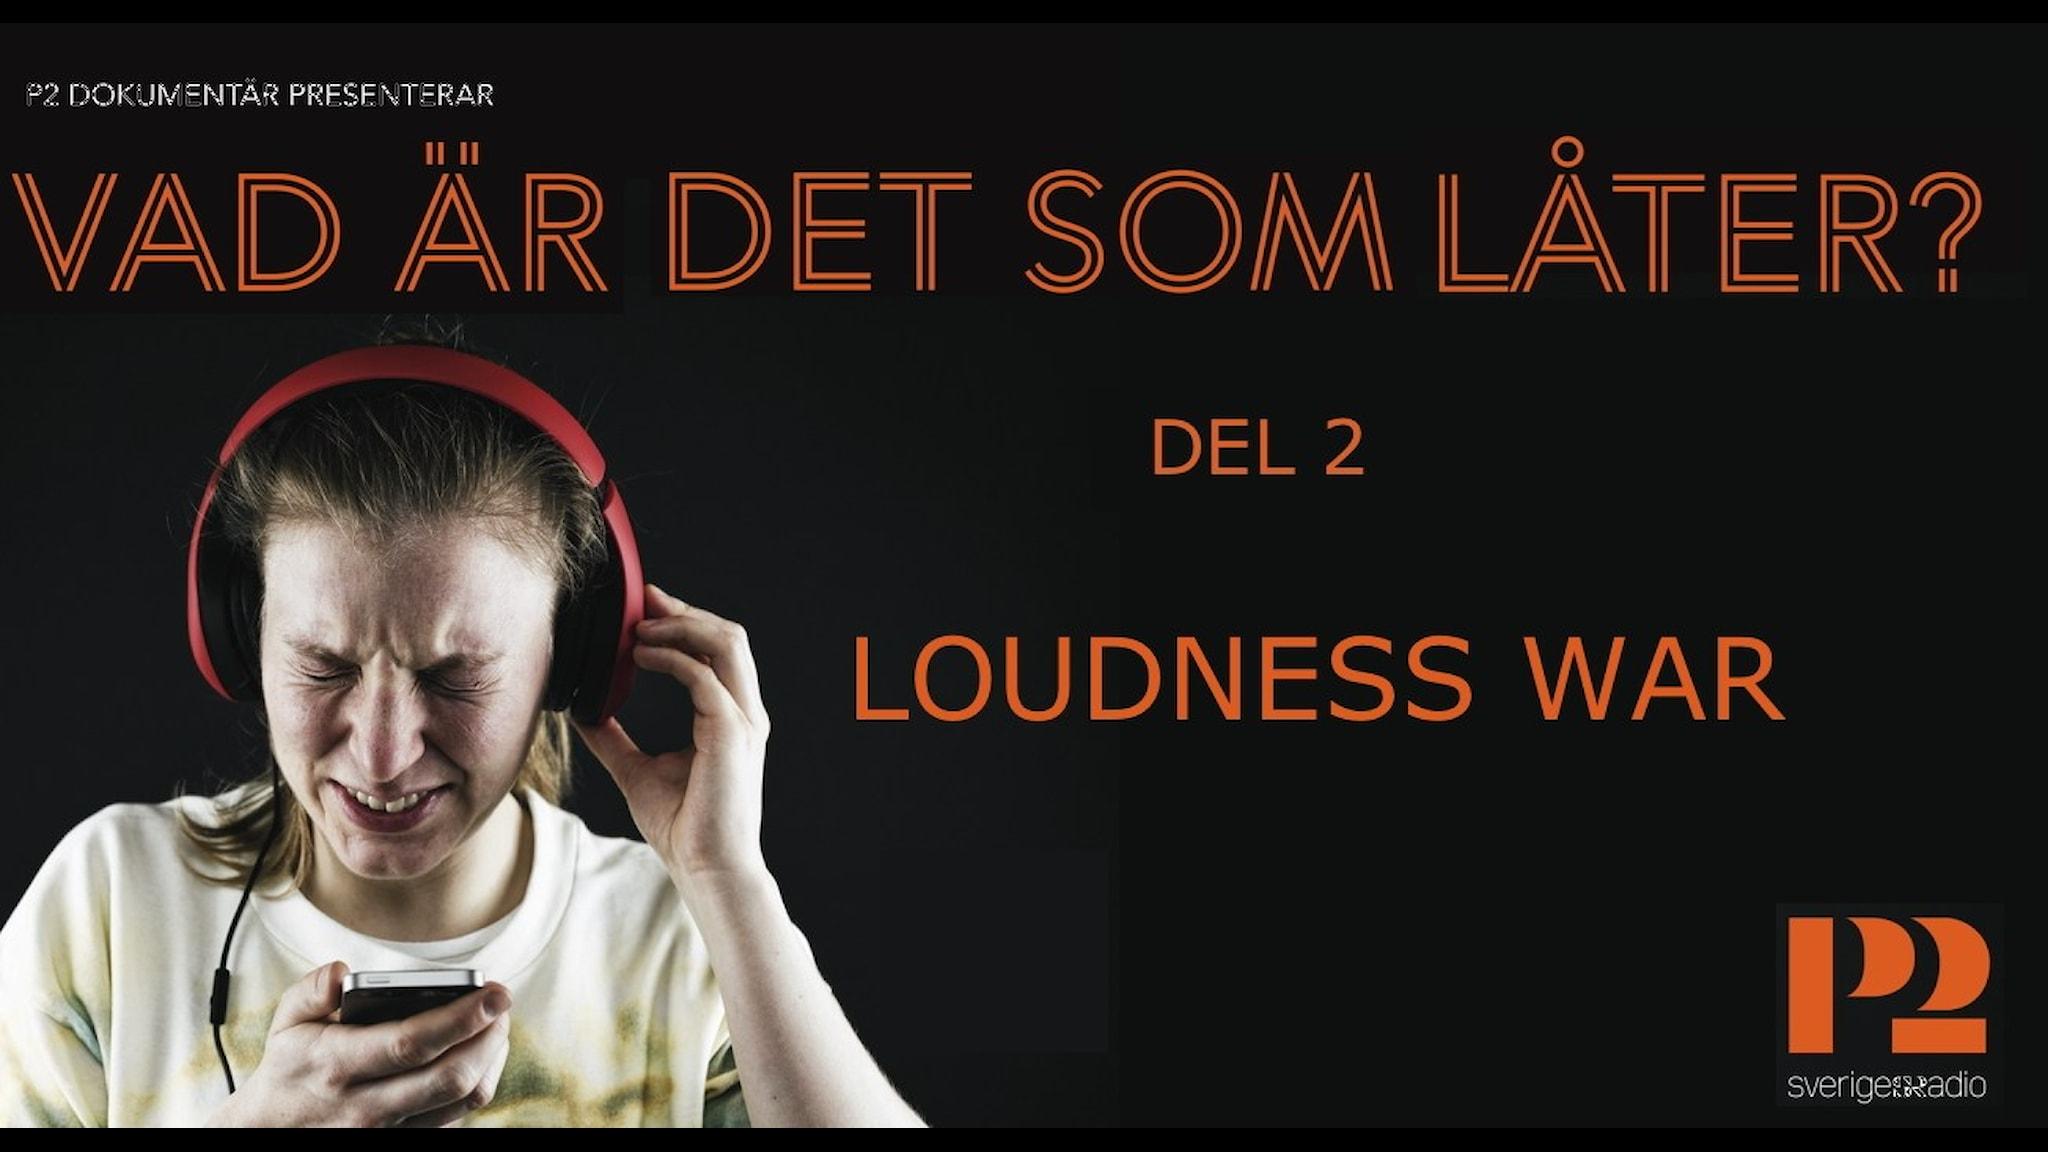 Loudness war, del 2 av P2 Dokumentärserien Vad är det som låter. Modell Lina Lundgren. Foto Mattias Ahlm, SR